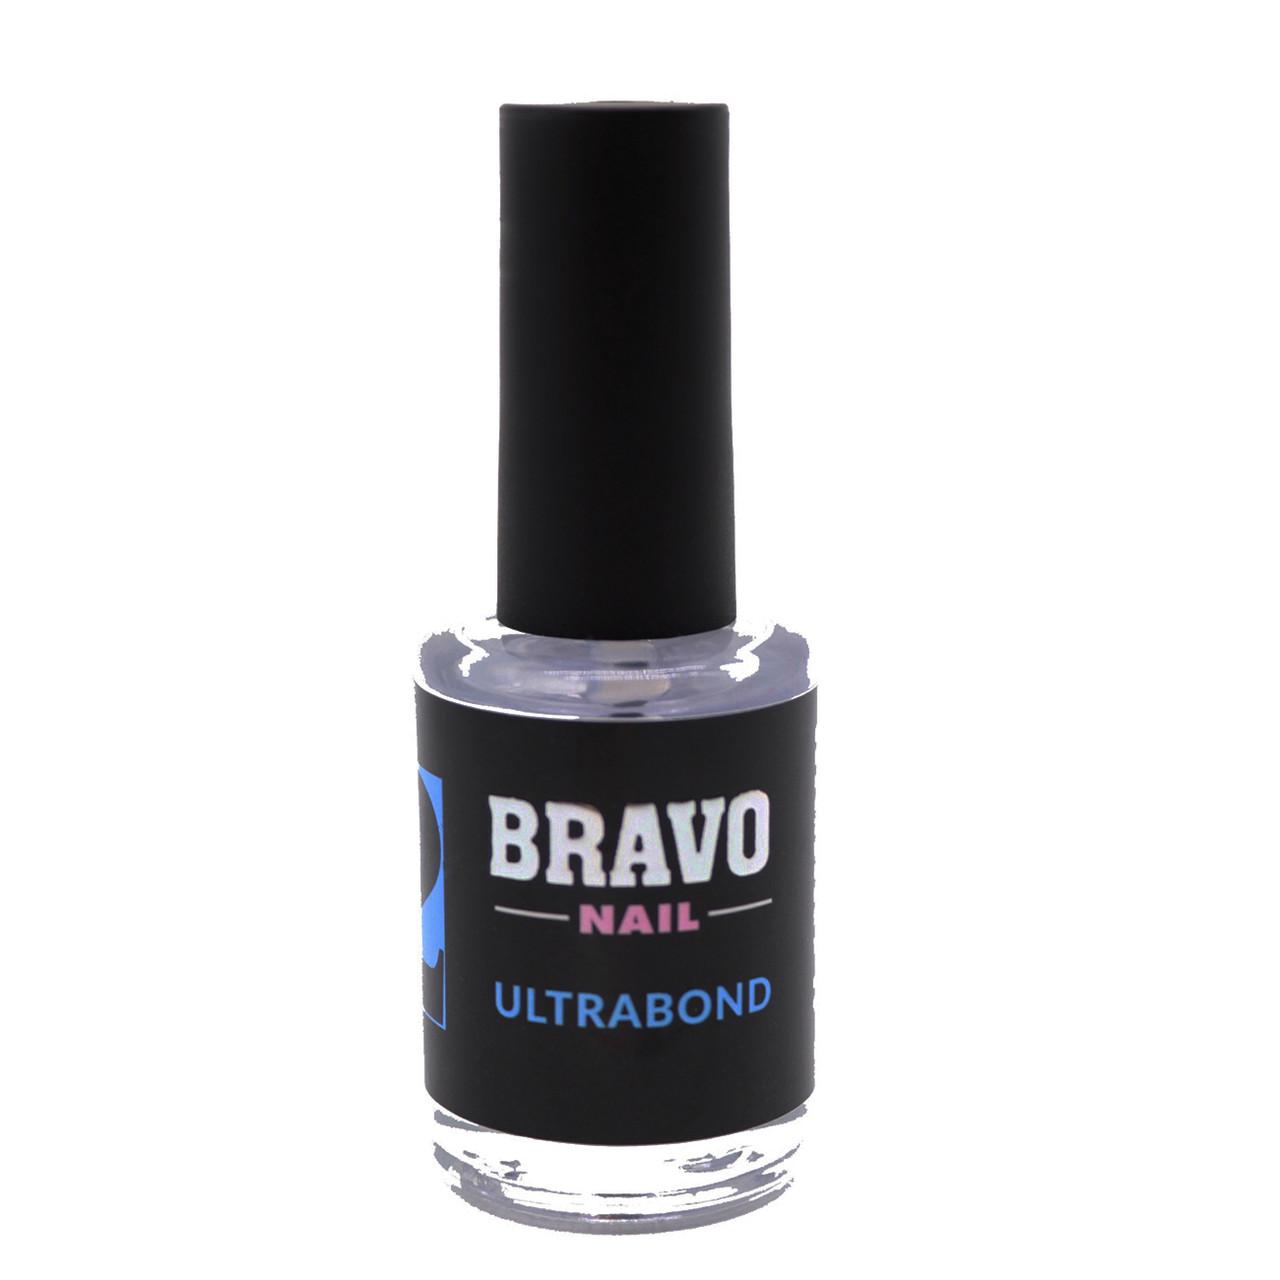 BRAVO Ultrabond праймер бескислотный 12 мл